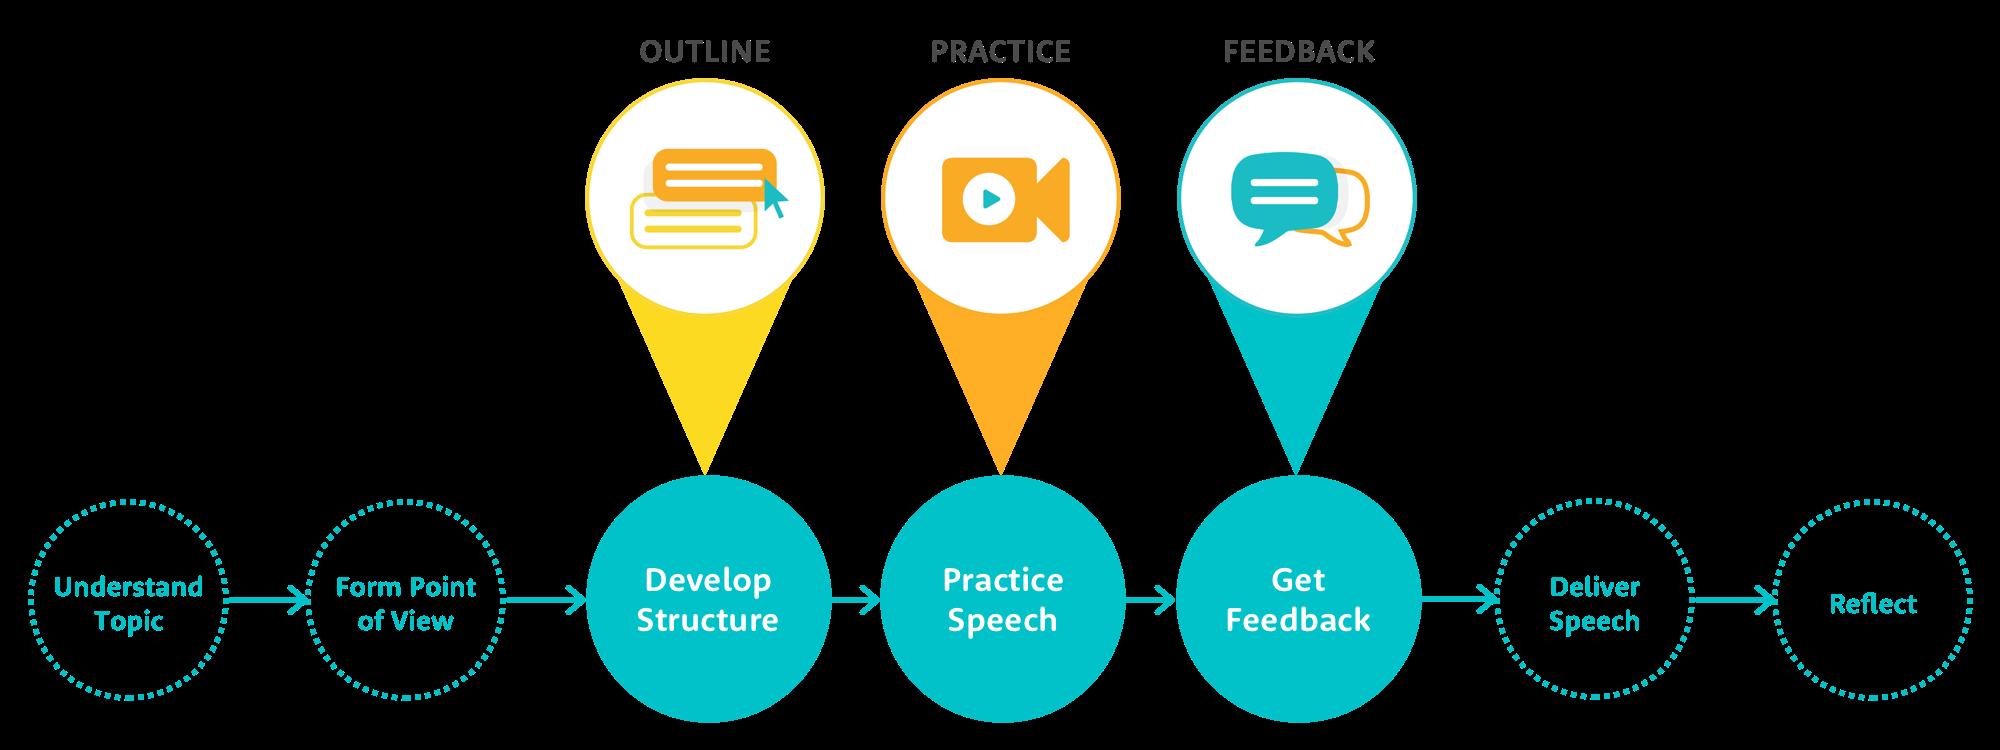 podium_Public_Speaking_Framework_Features.png